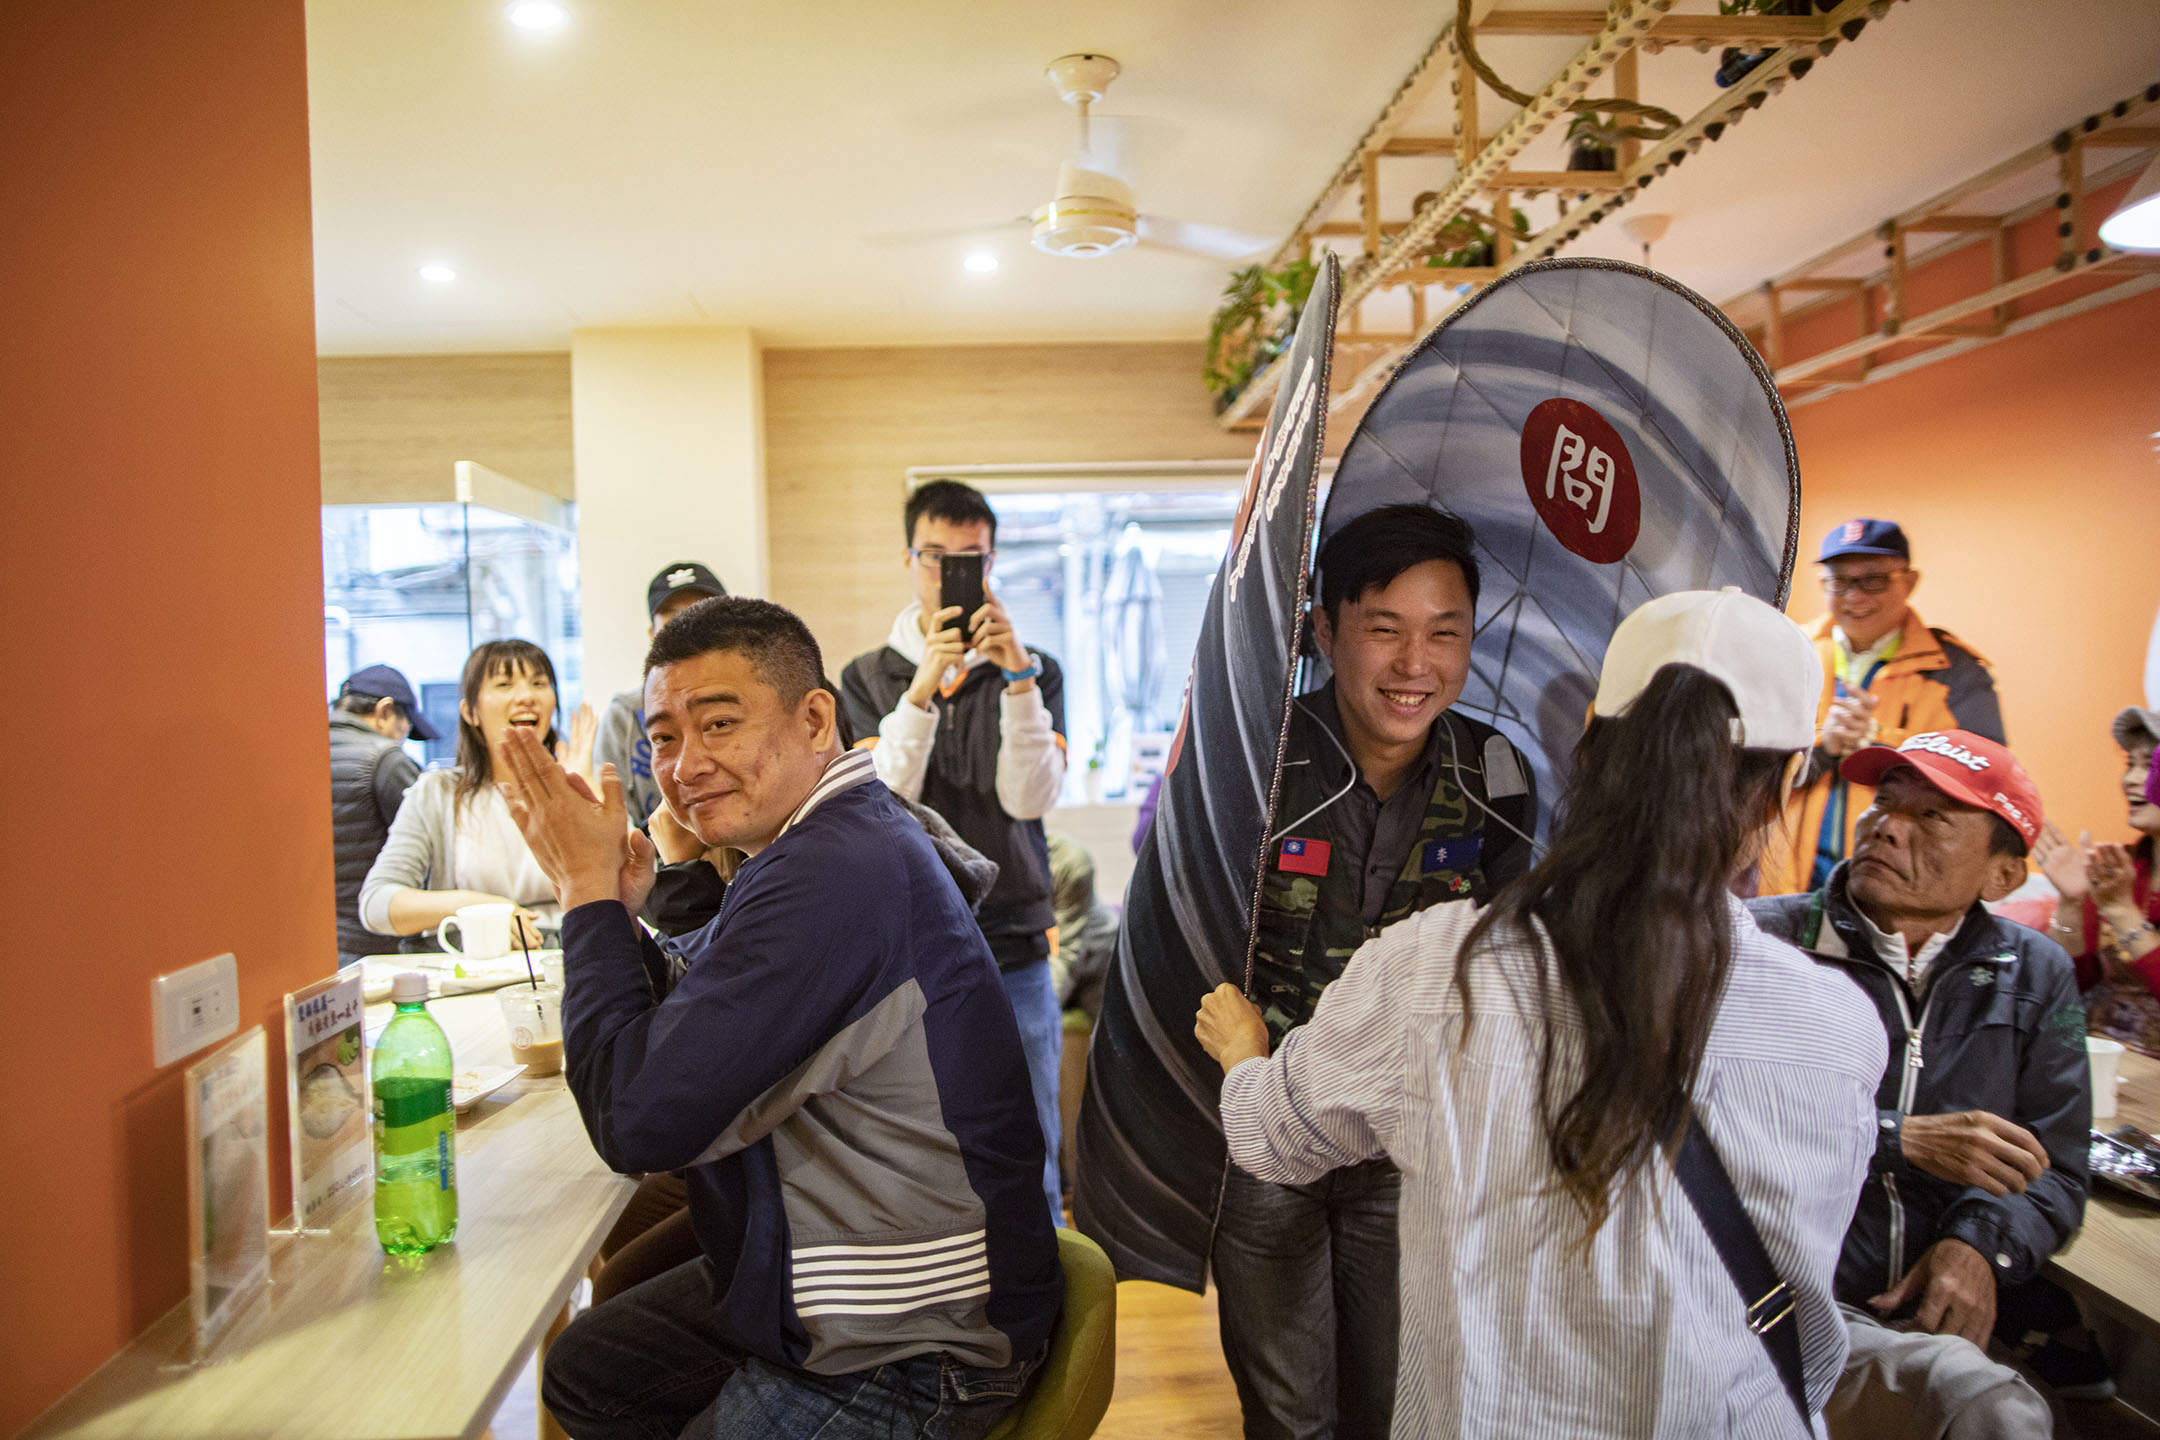 2019年11月30日,參選連江縣選舉區2020年立法委員選舉的李問在向居民拉票,他將自己打扮成淡菜。 攝:陳焯煇/端傳媒